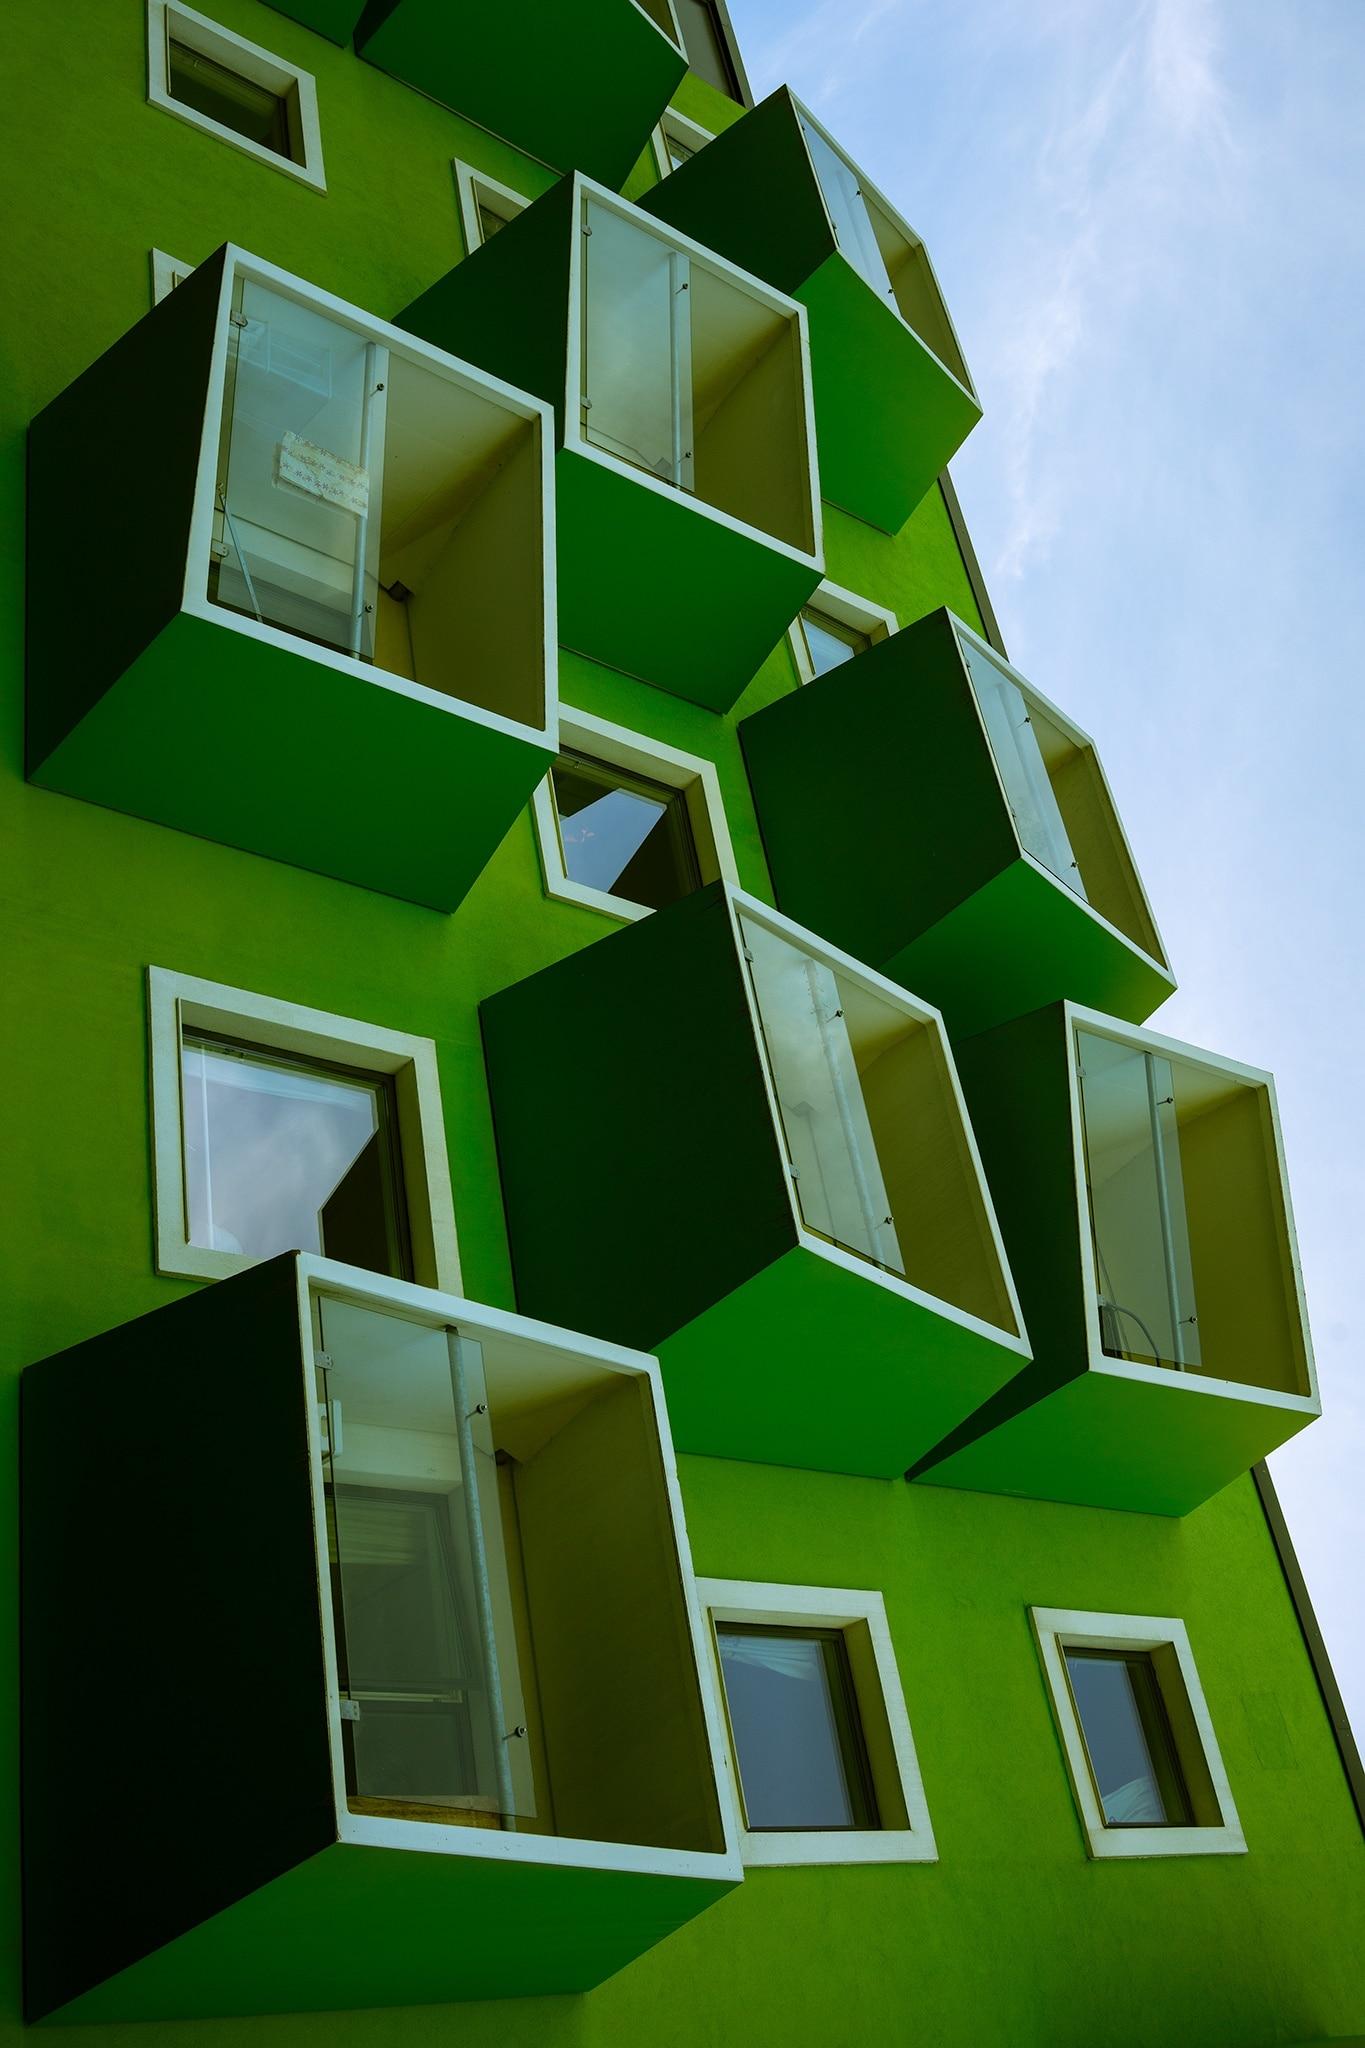 Visita Ørestad: scopri il meglio di Ørestad, Copenaghen ...